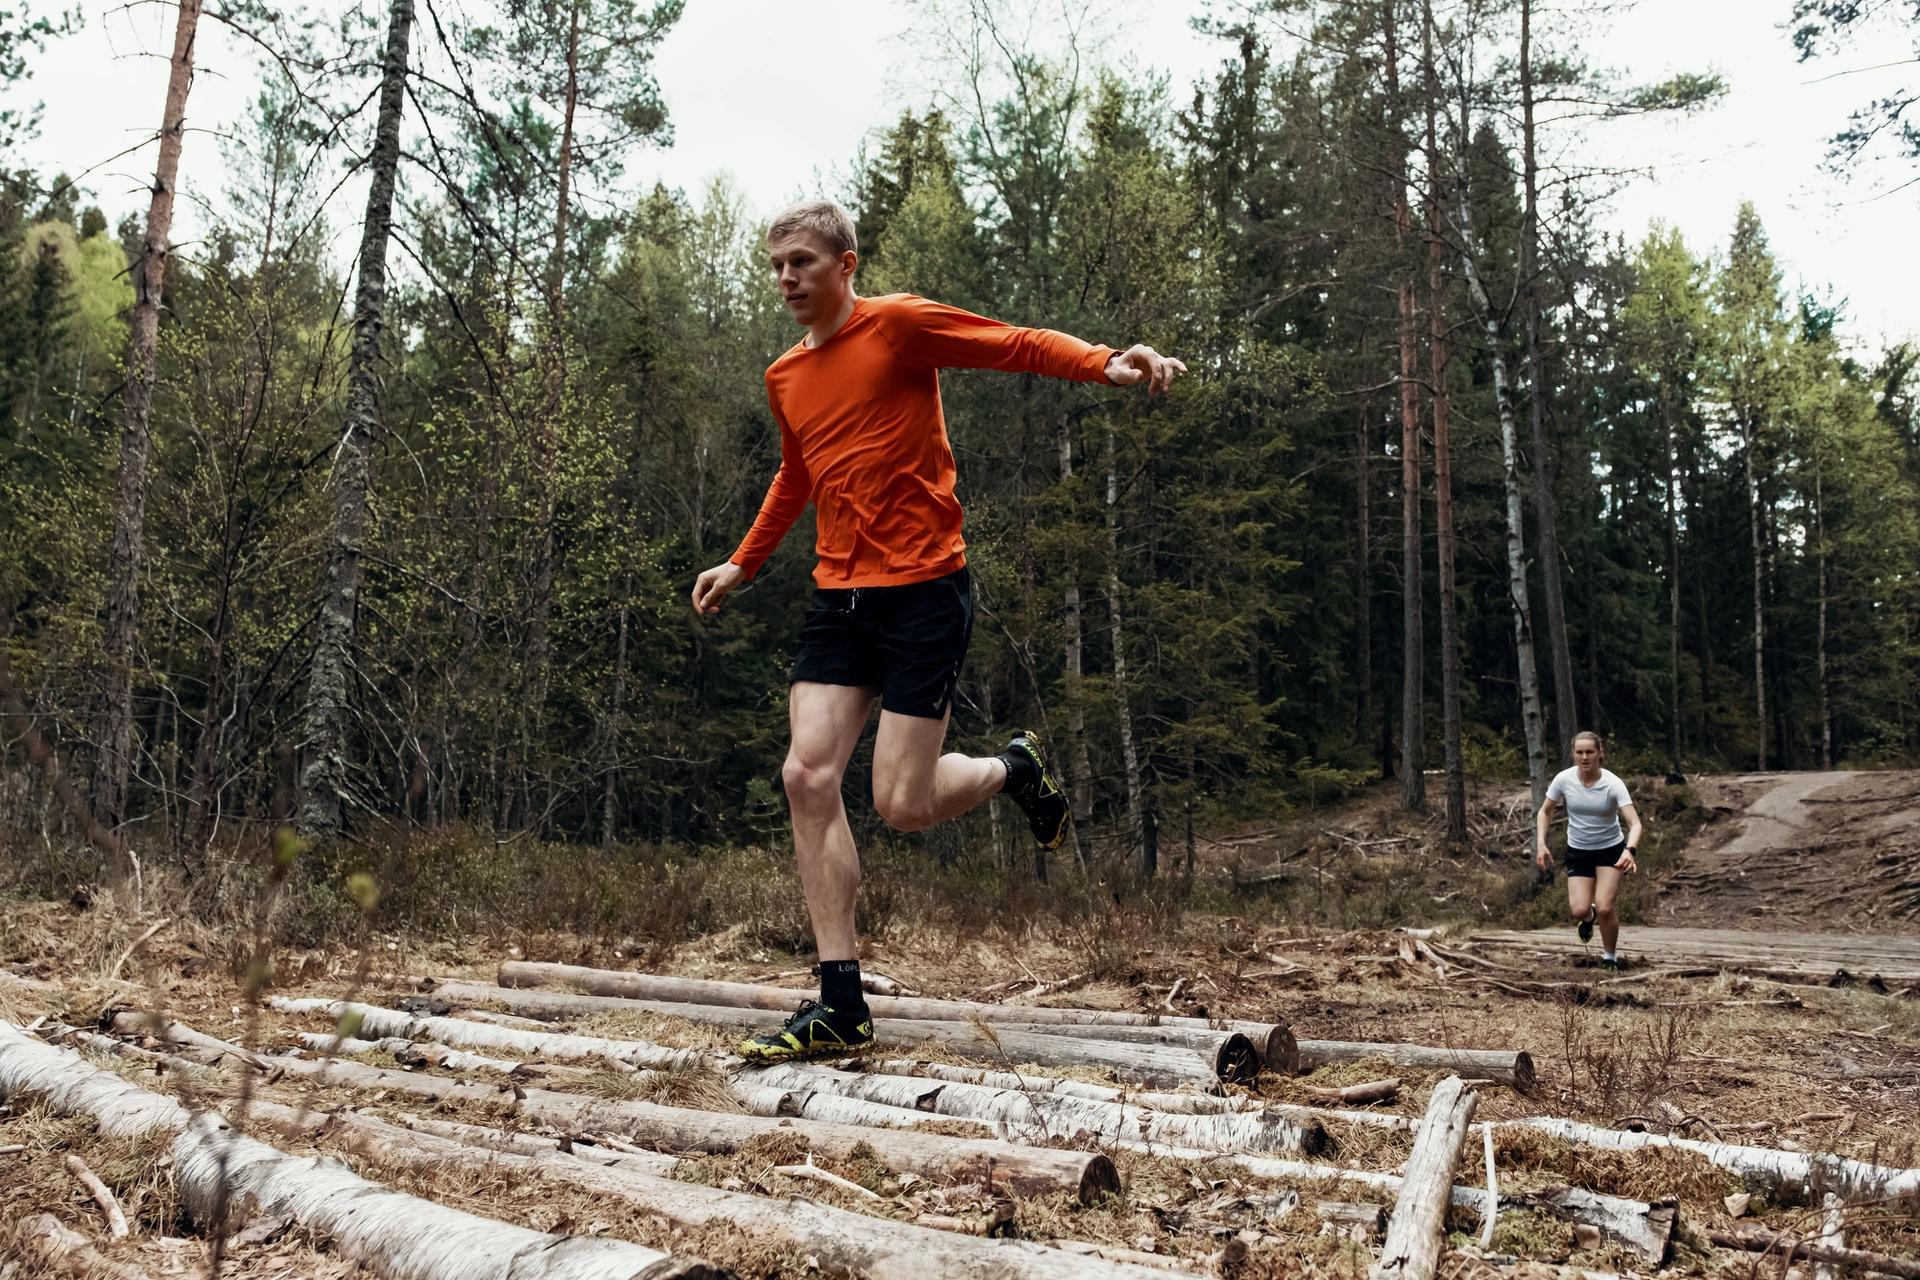 Ung mann løper i terrenget over stokker